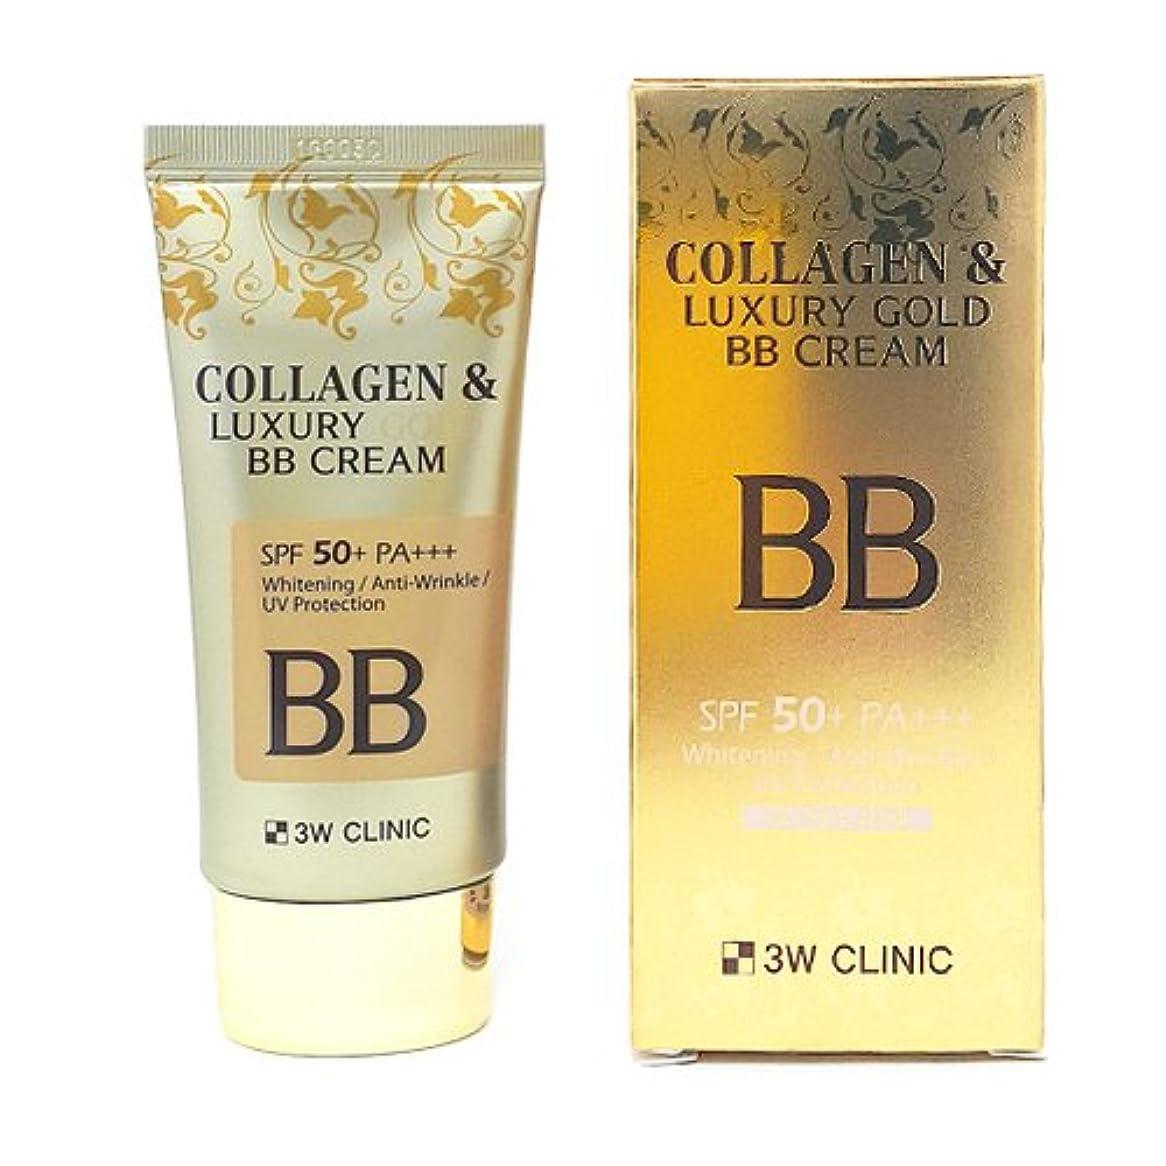 日の出里親気難しい3Wクリニック[韓国コスメ3w Clinic]Collagen & Luxury Gold BB Cream コラーゲンラグジュアリーゴールド BBクリーム50ml 50+/PA+++[並行輸入品]